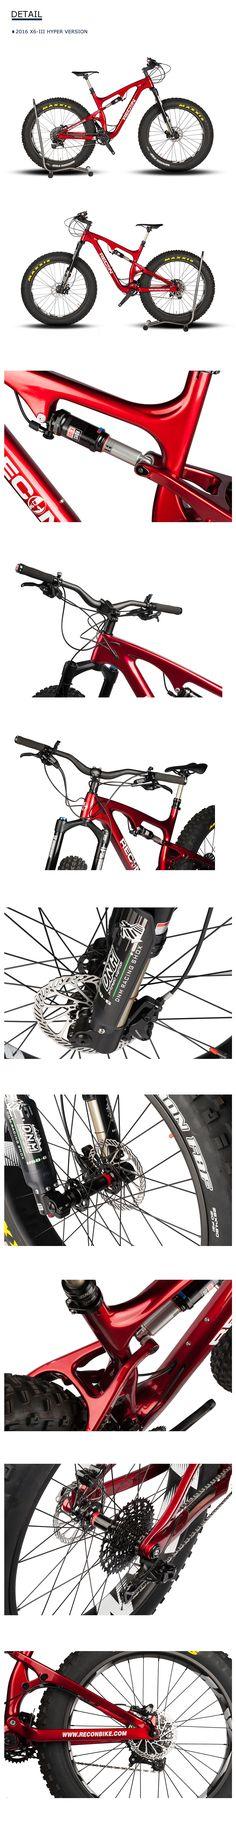 recon x6iii carbon full suspension fat bike